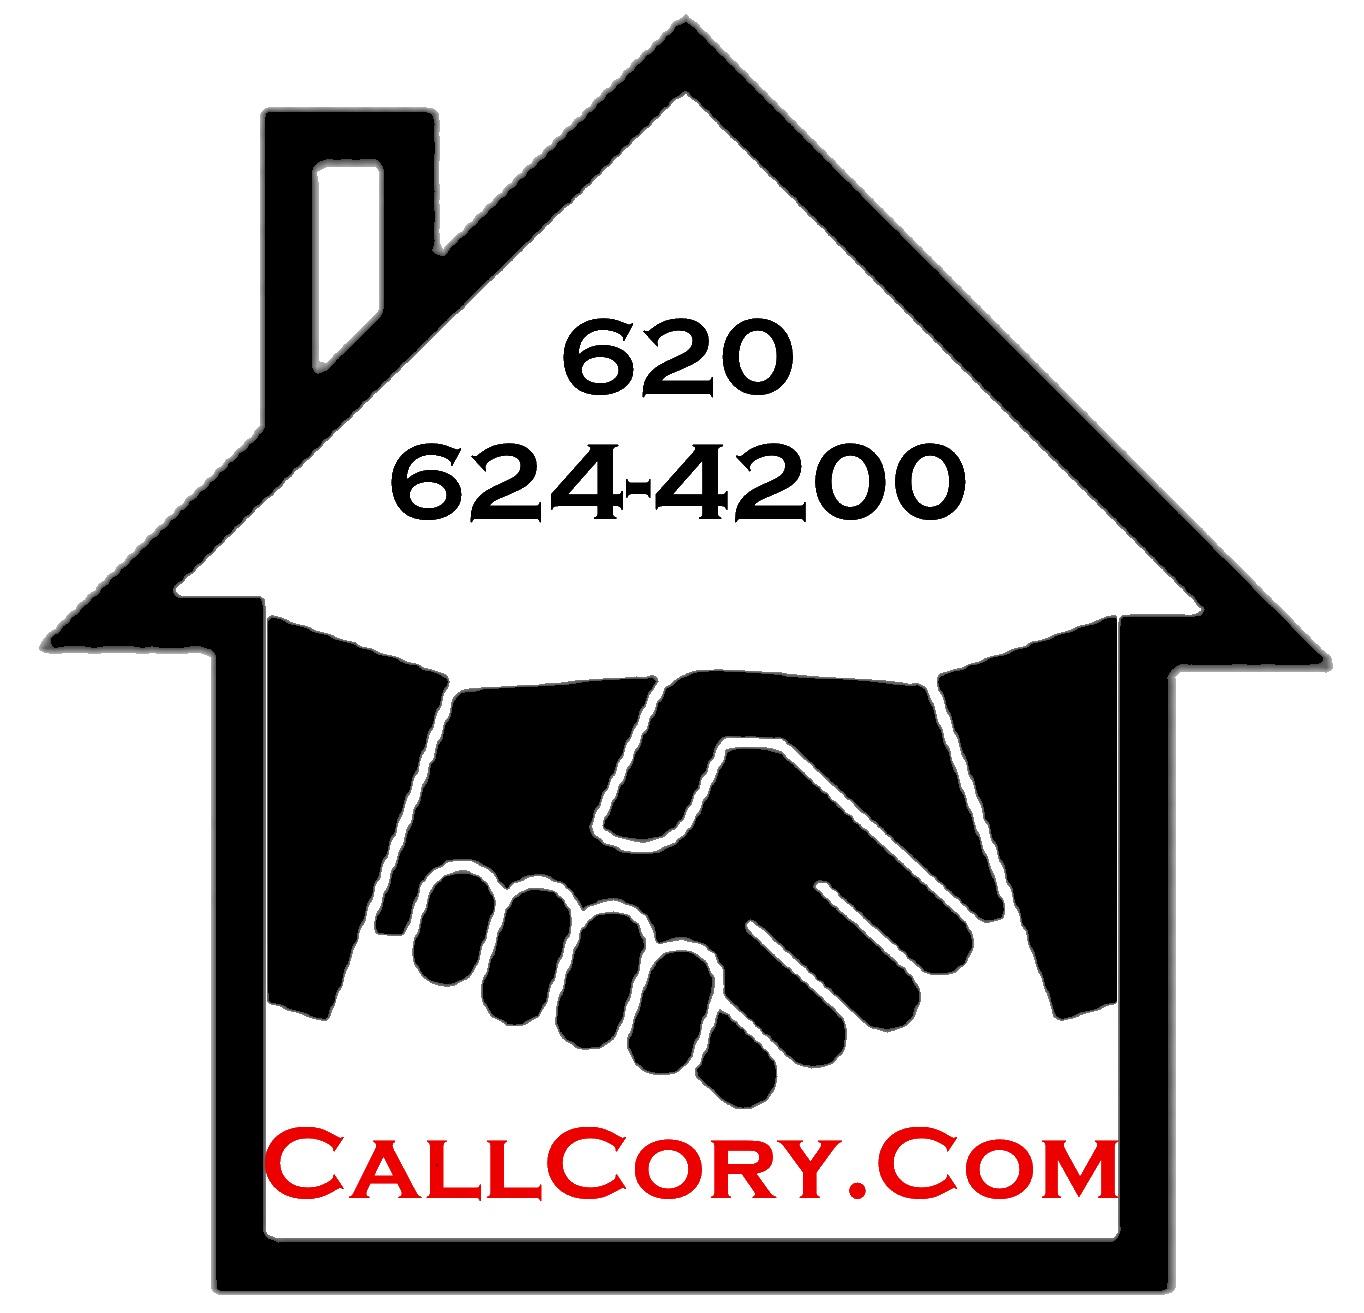 CallCory.Com